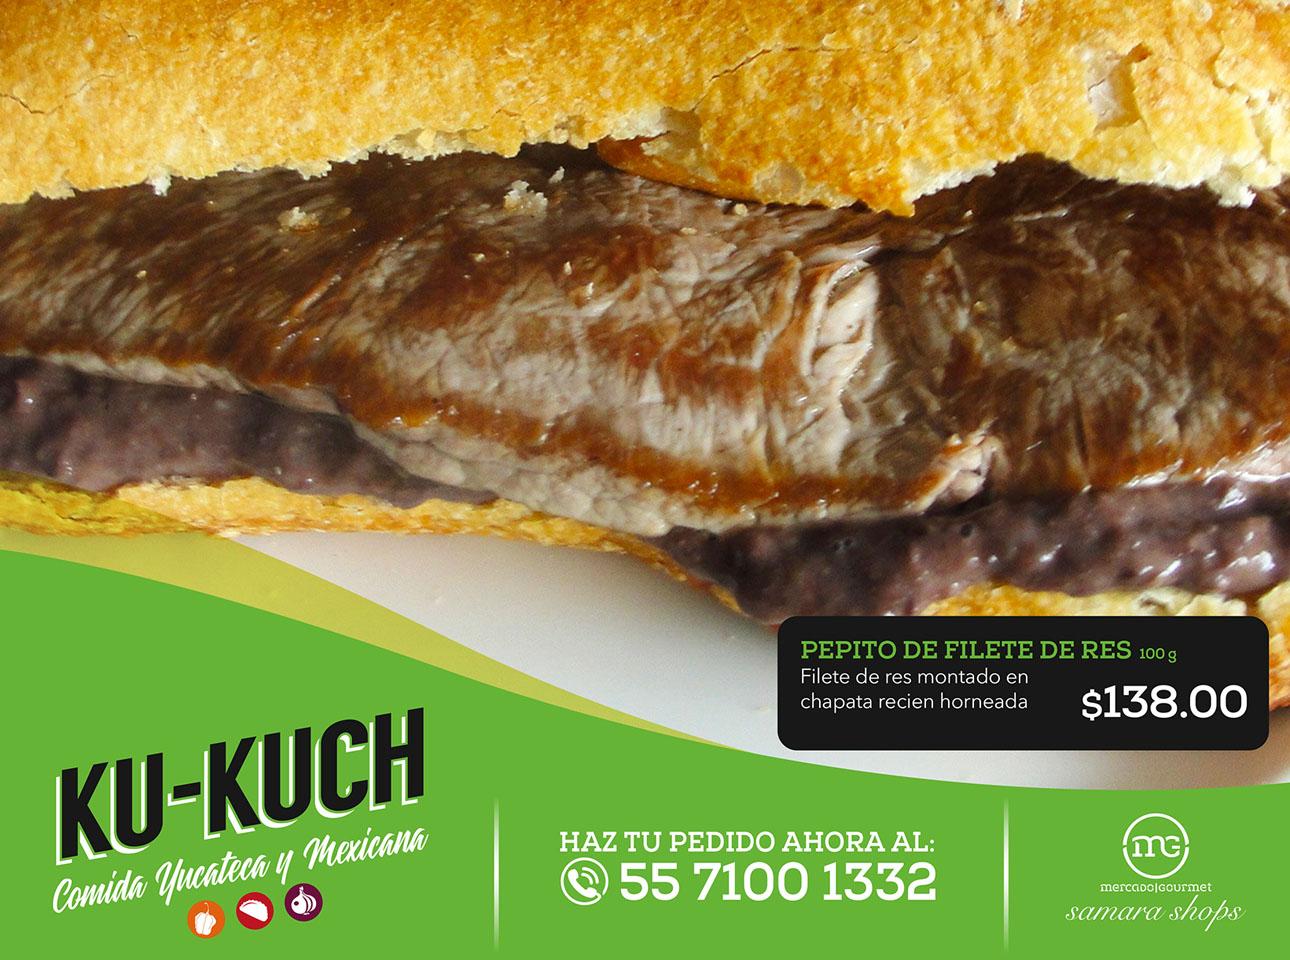 Promo Ku Kuch 1